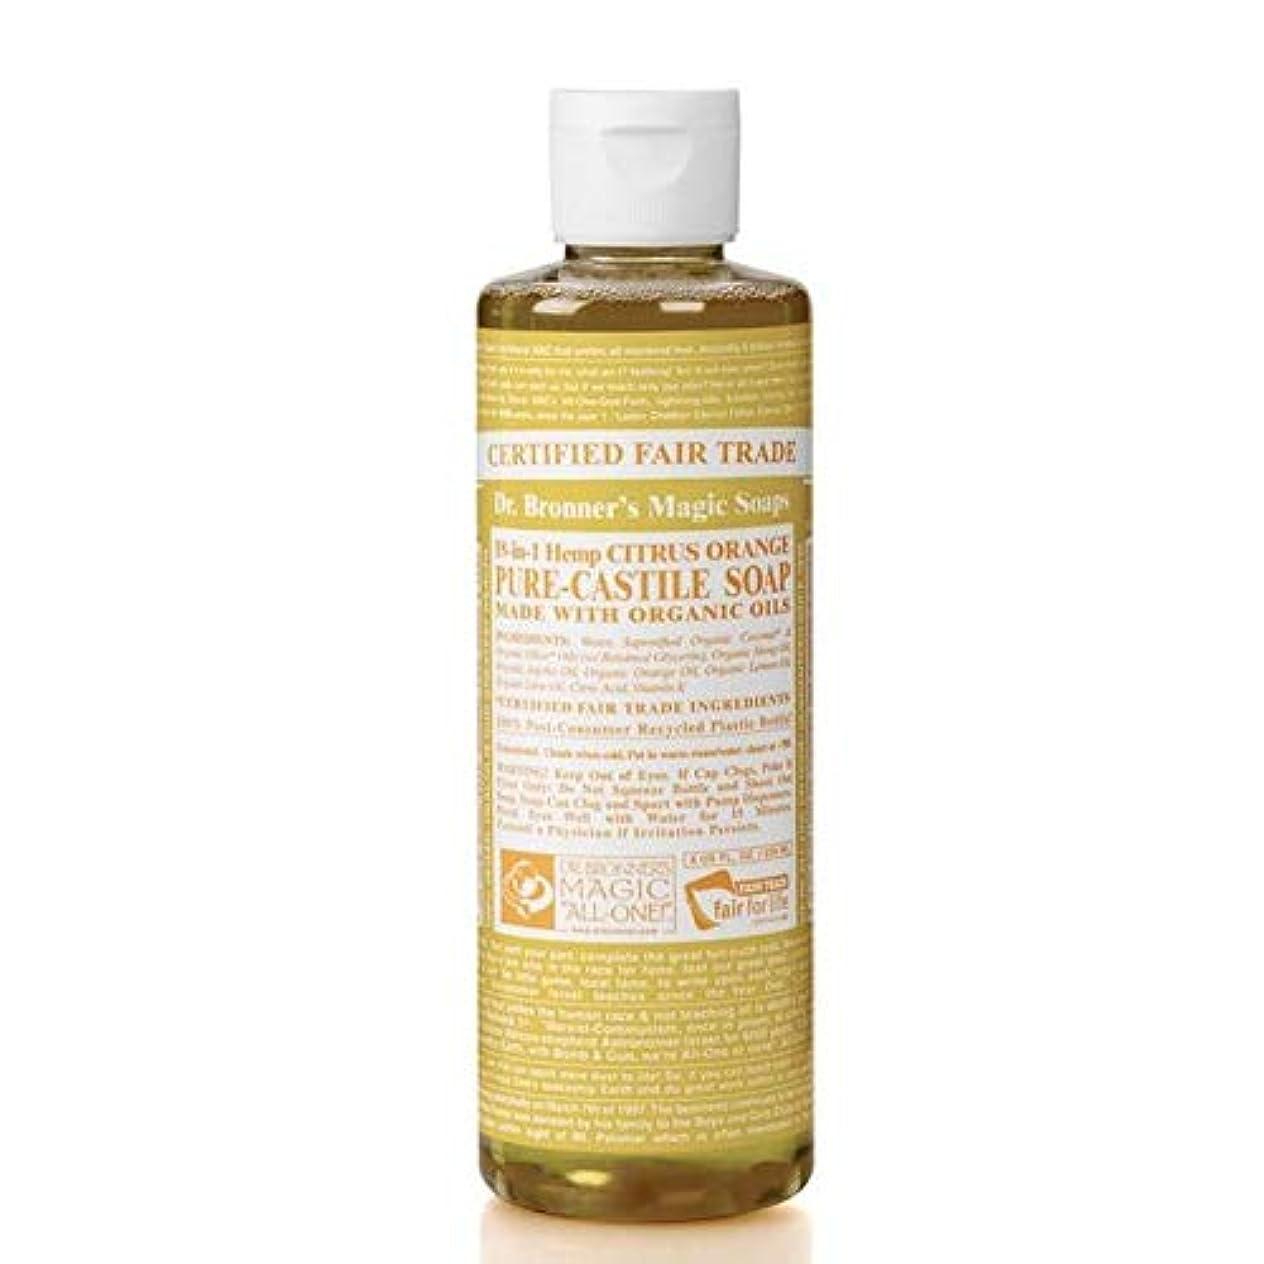 ピラミッドバン植生[Dr Bronner] Dr。ブロナーズオーガニックシトラスカスティーリャ液体石鹸473ミリリットル - Dr. Bronner's Organic Citrus Castile Liquid Soap 473ml [...